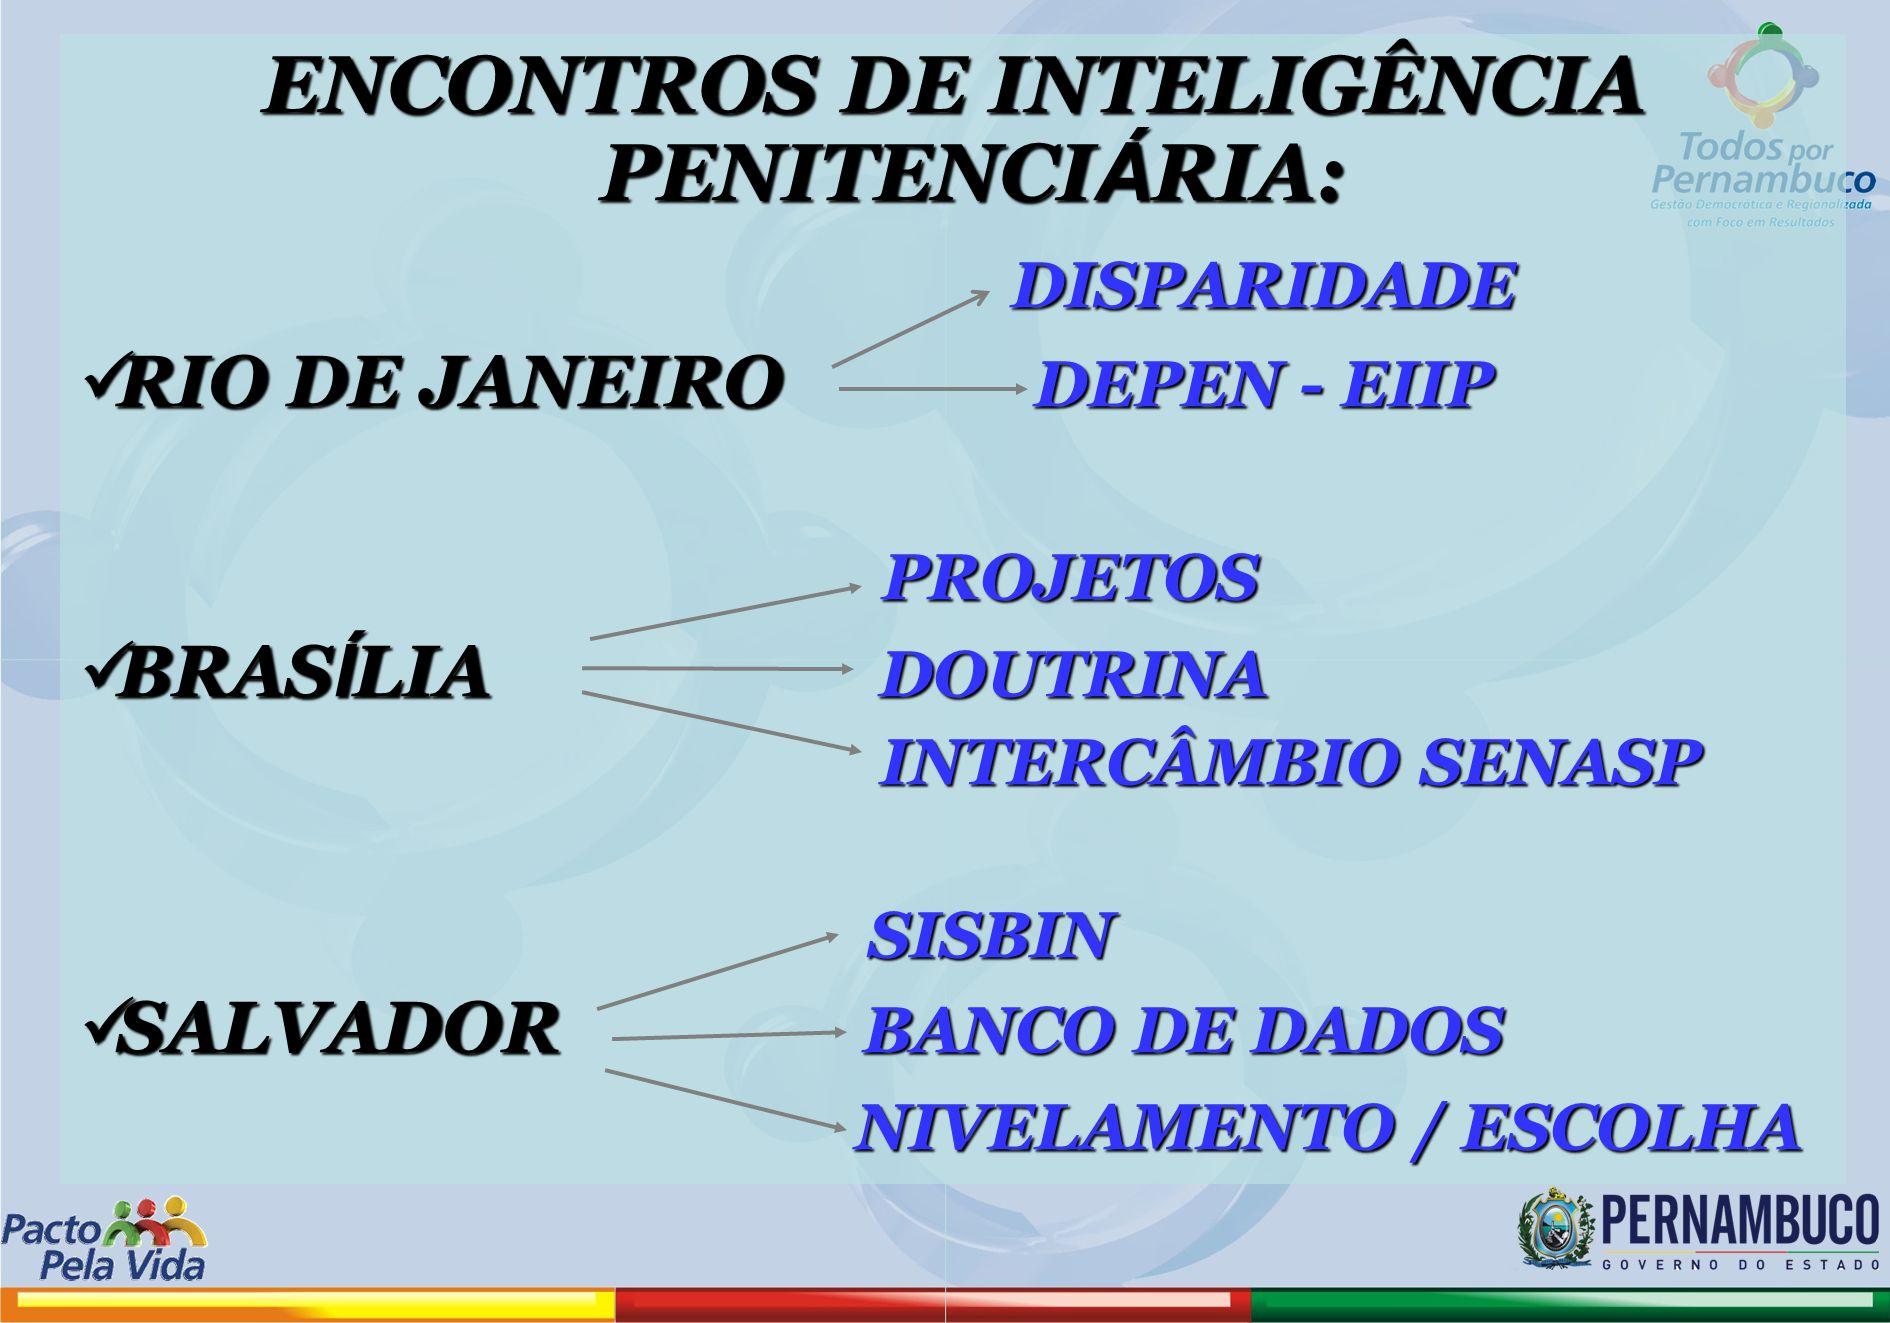 ENCONTROS DE INTELIGÊNCIA PENITENCI Á RIA: DISPARIDADE DISPARIDADE RIO DE JANEIRO DEPEN - EIIP RIO DE JANEIRO DEPEN - EIIP PROJETOS PROJETOS BRAS Í LI